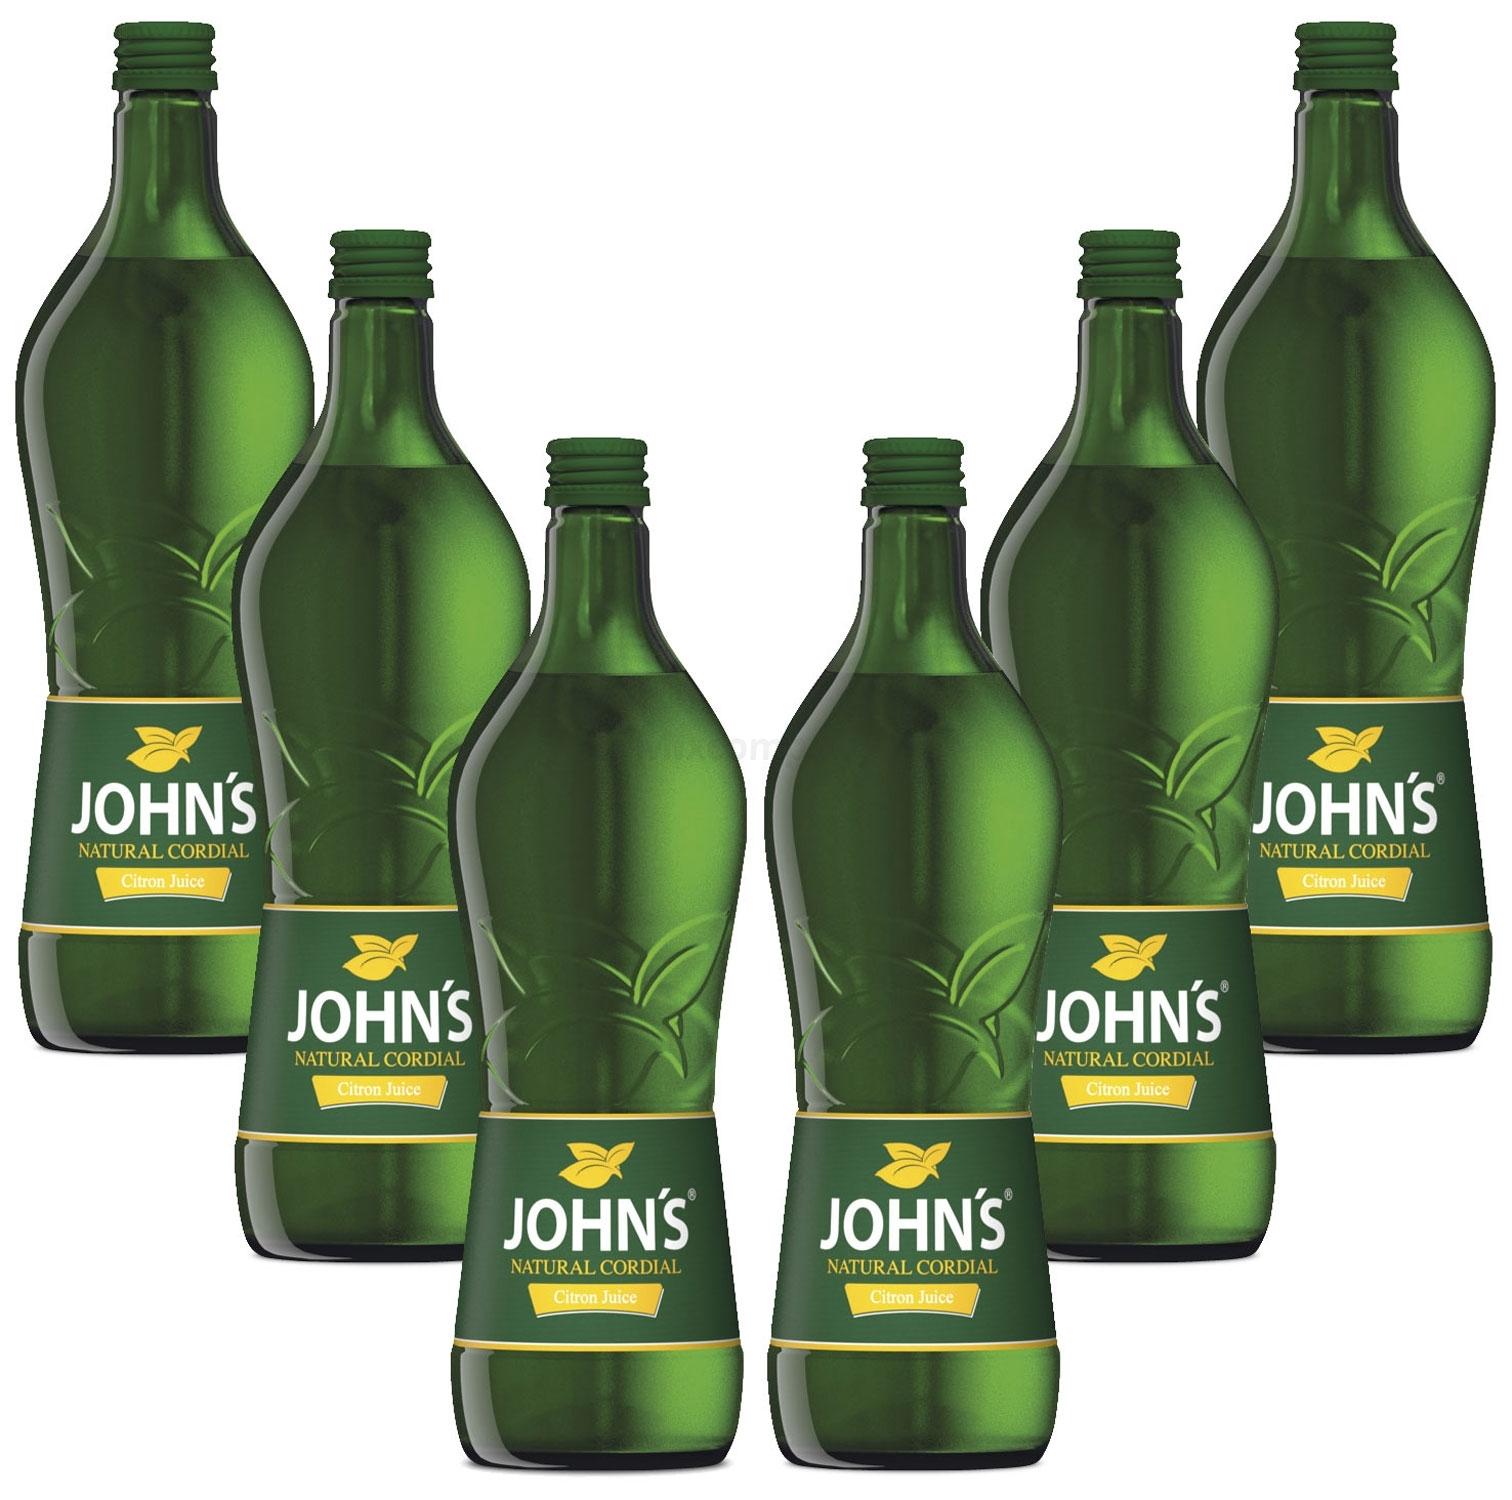 Johns Citron Juice Sirup für Cocktails 6x 0,7l = 4,2 Liter